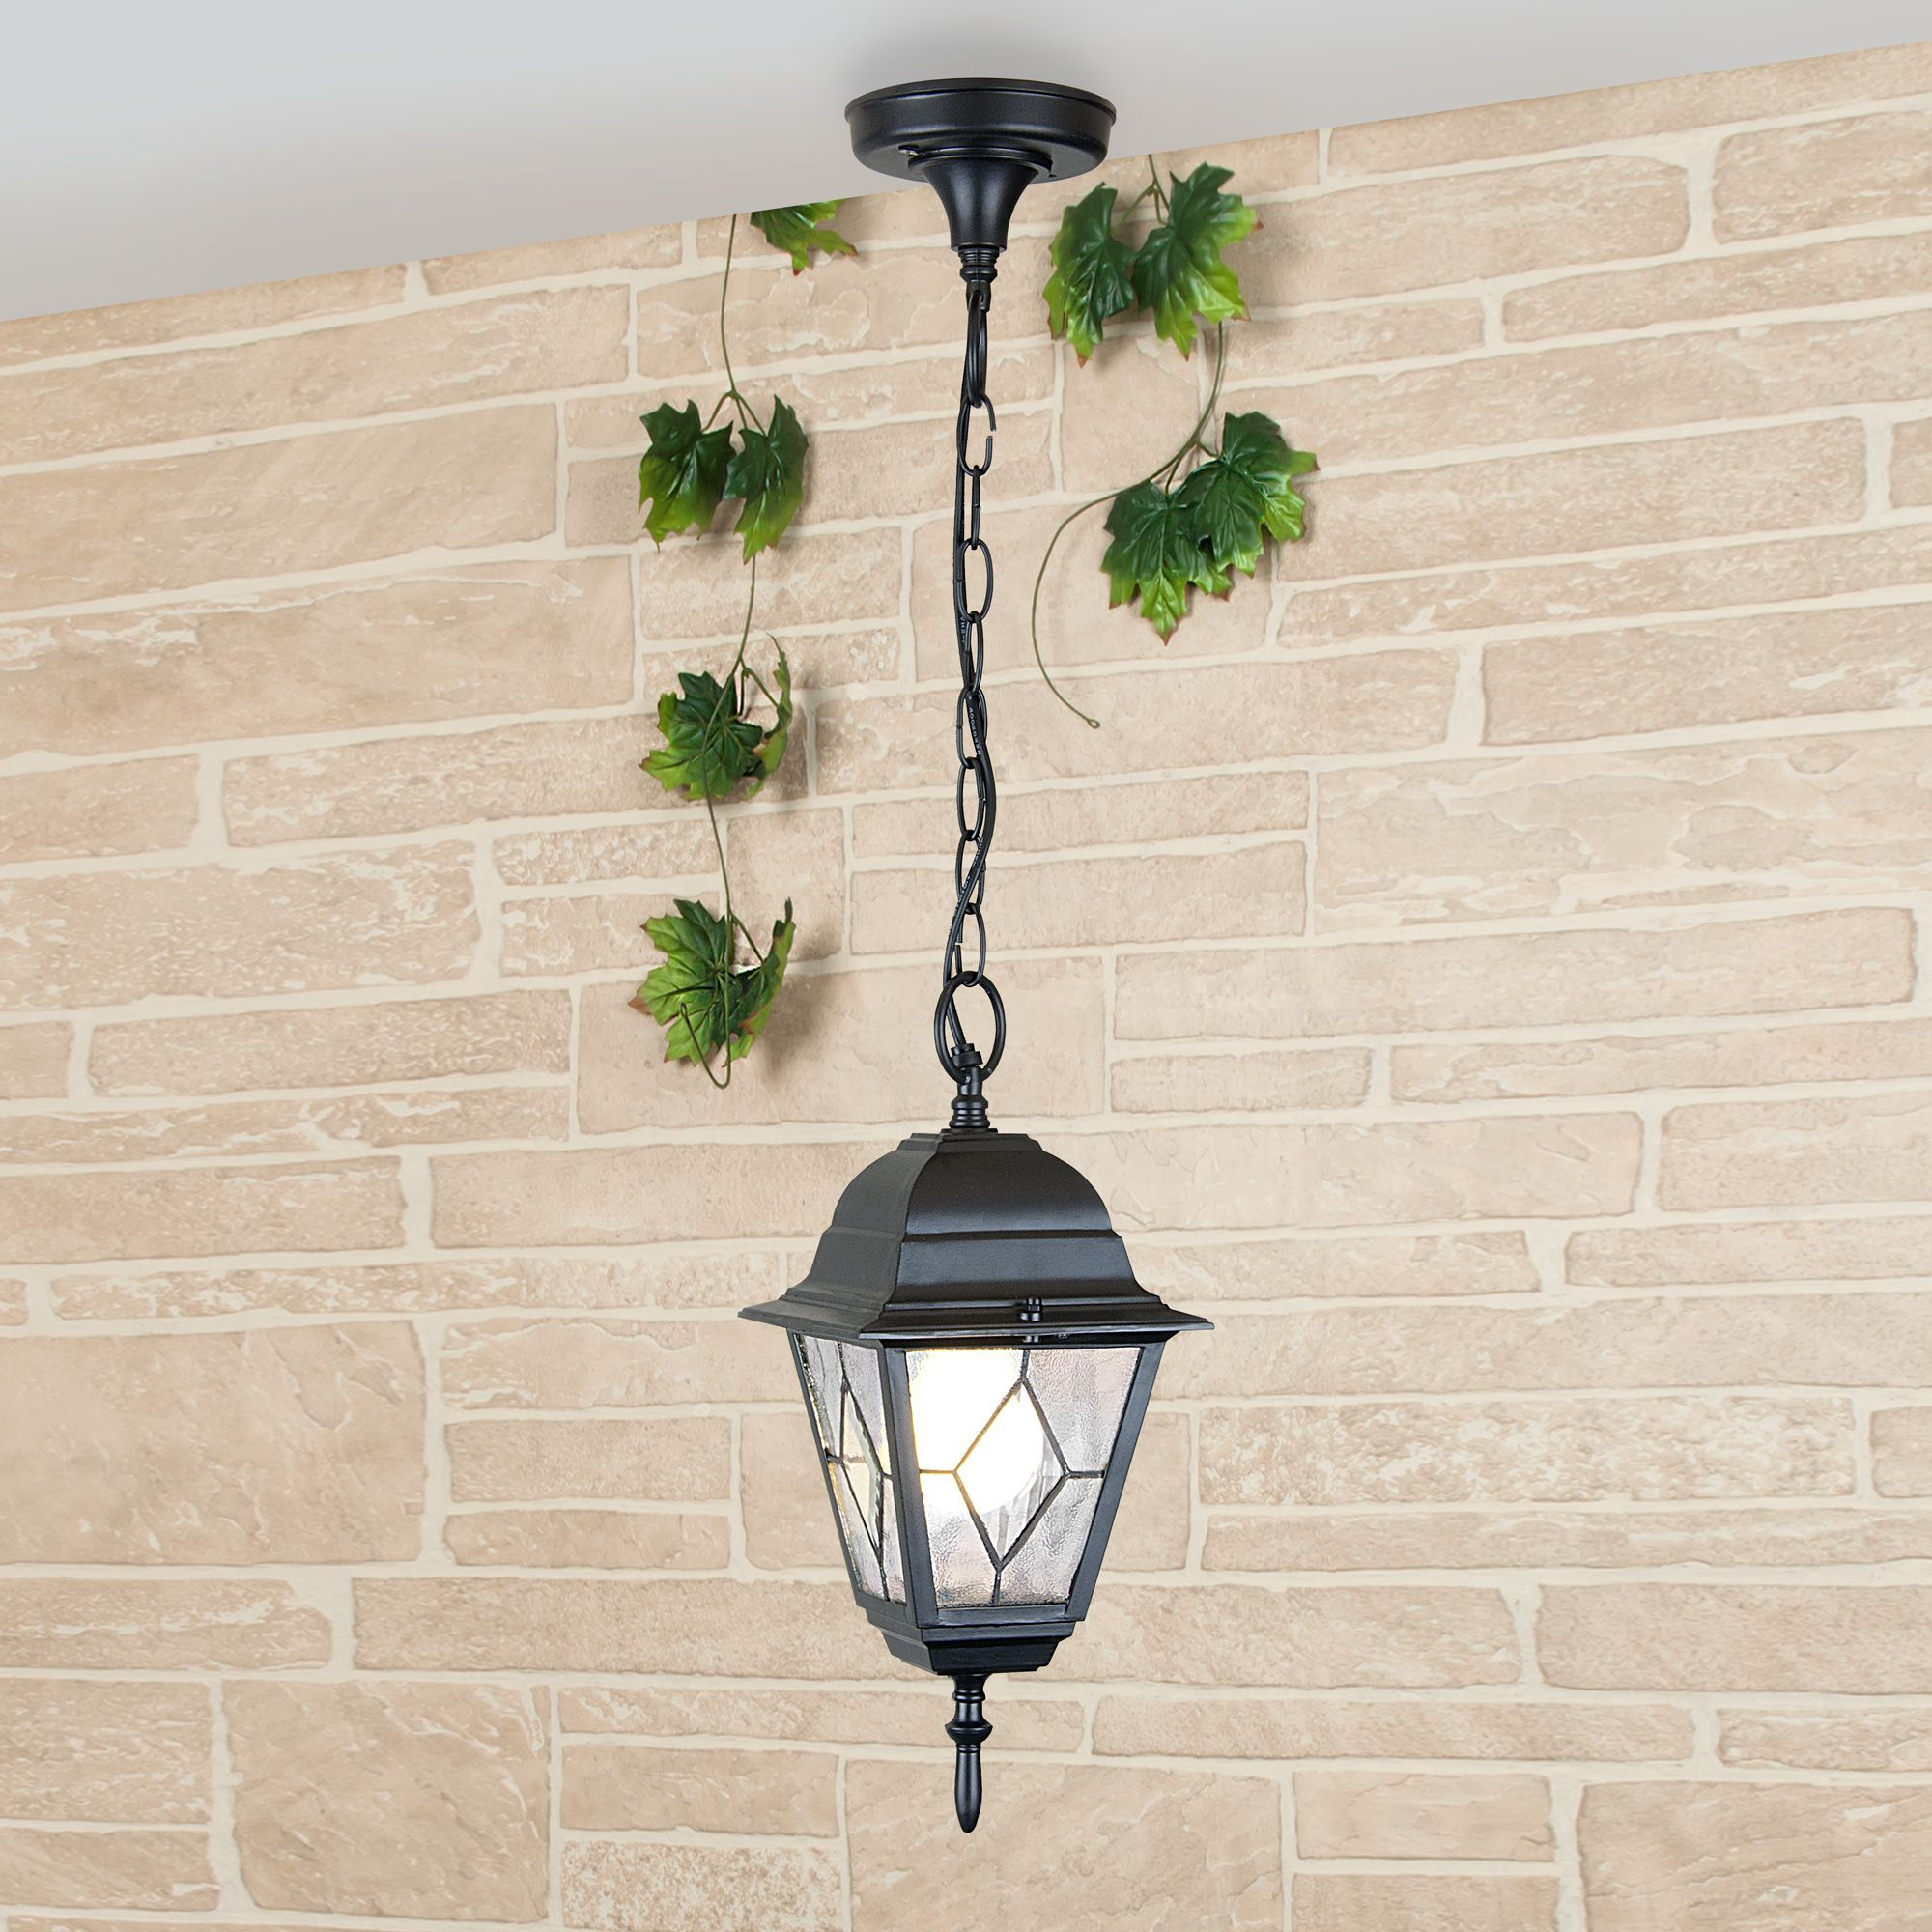 Уличный подвесной светильник Vega H черный IP44 Vega H черный